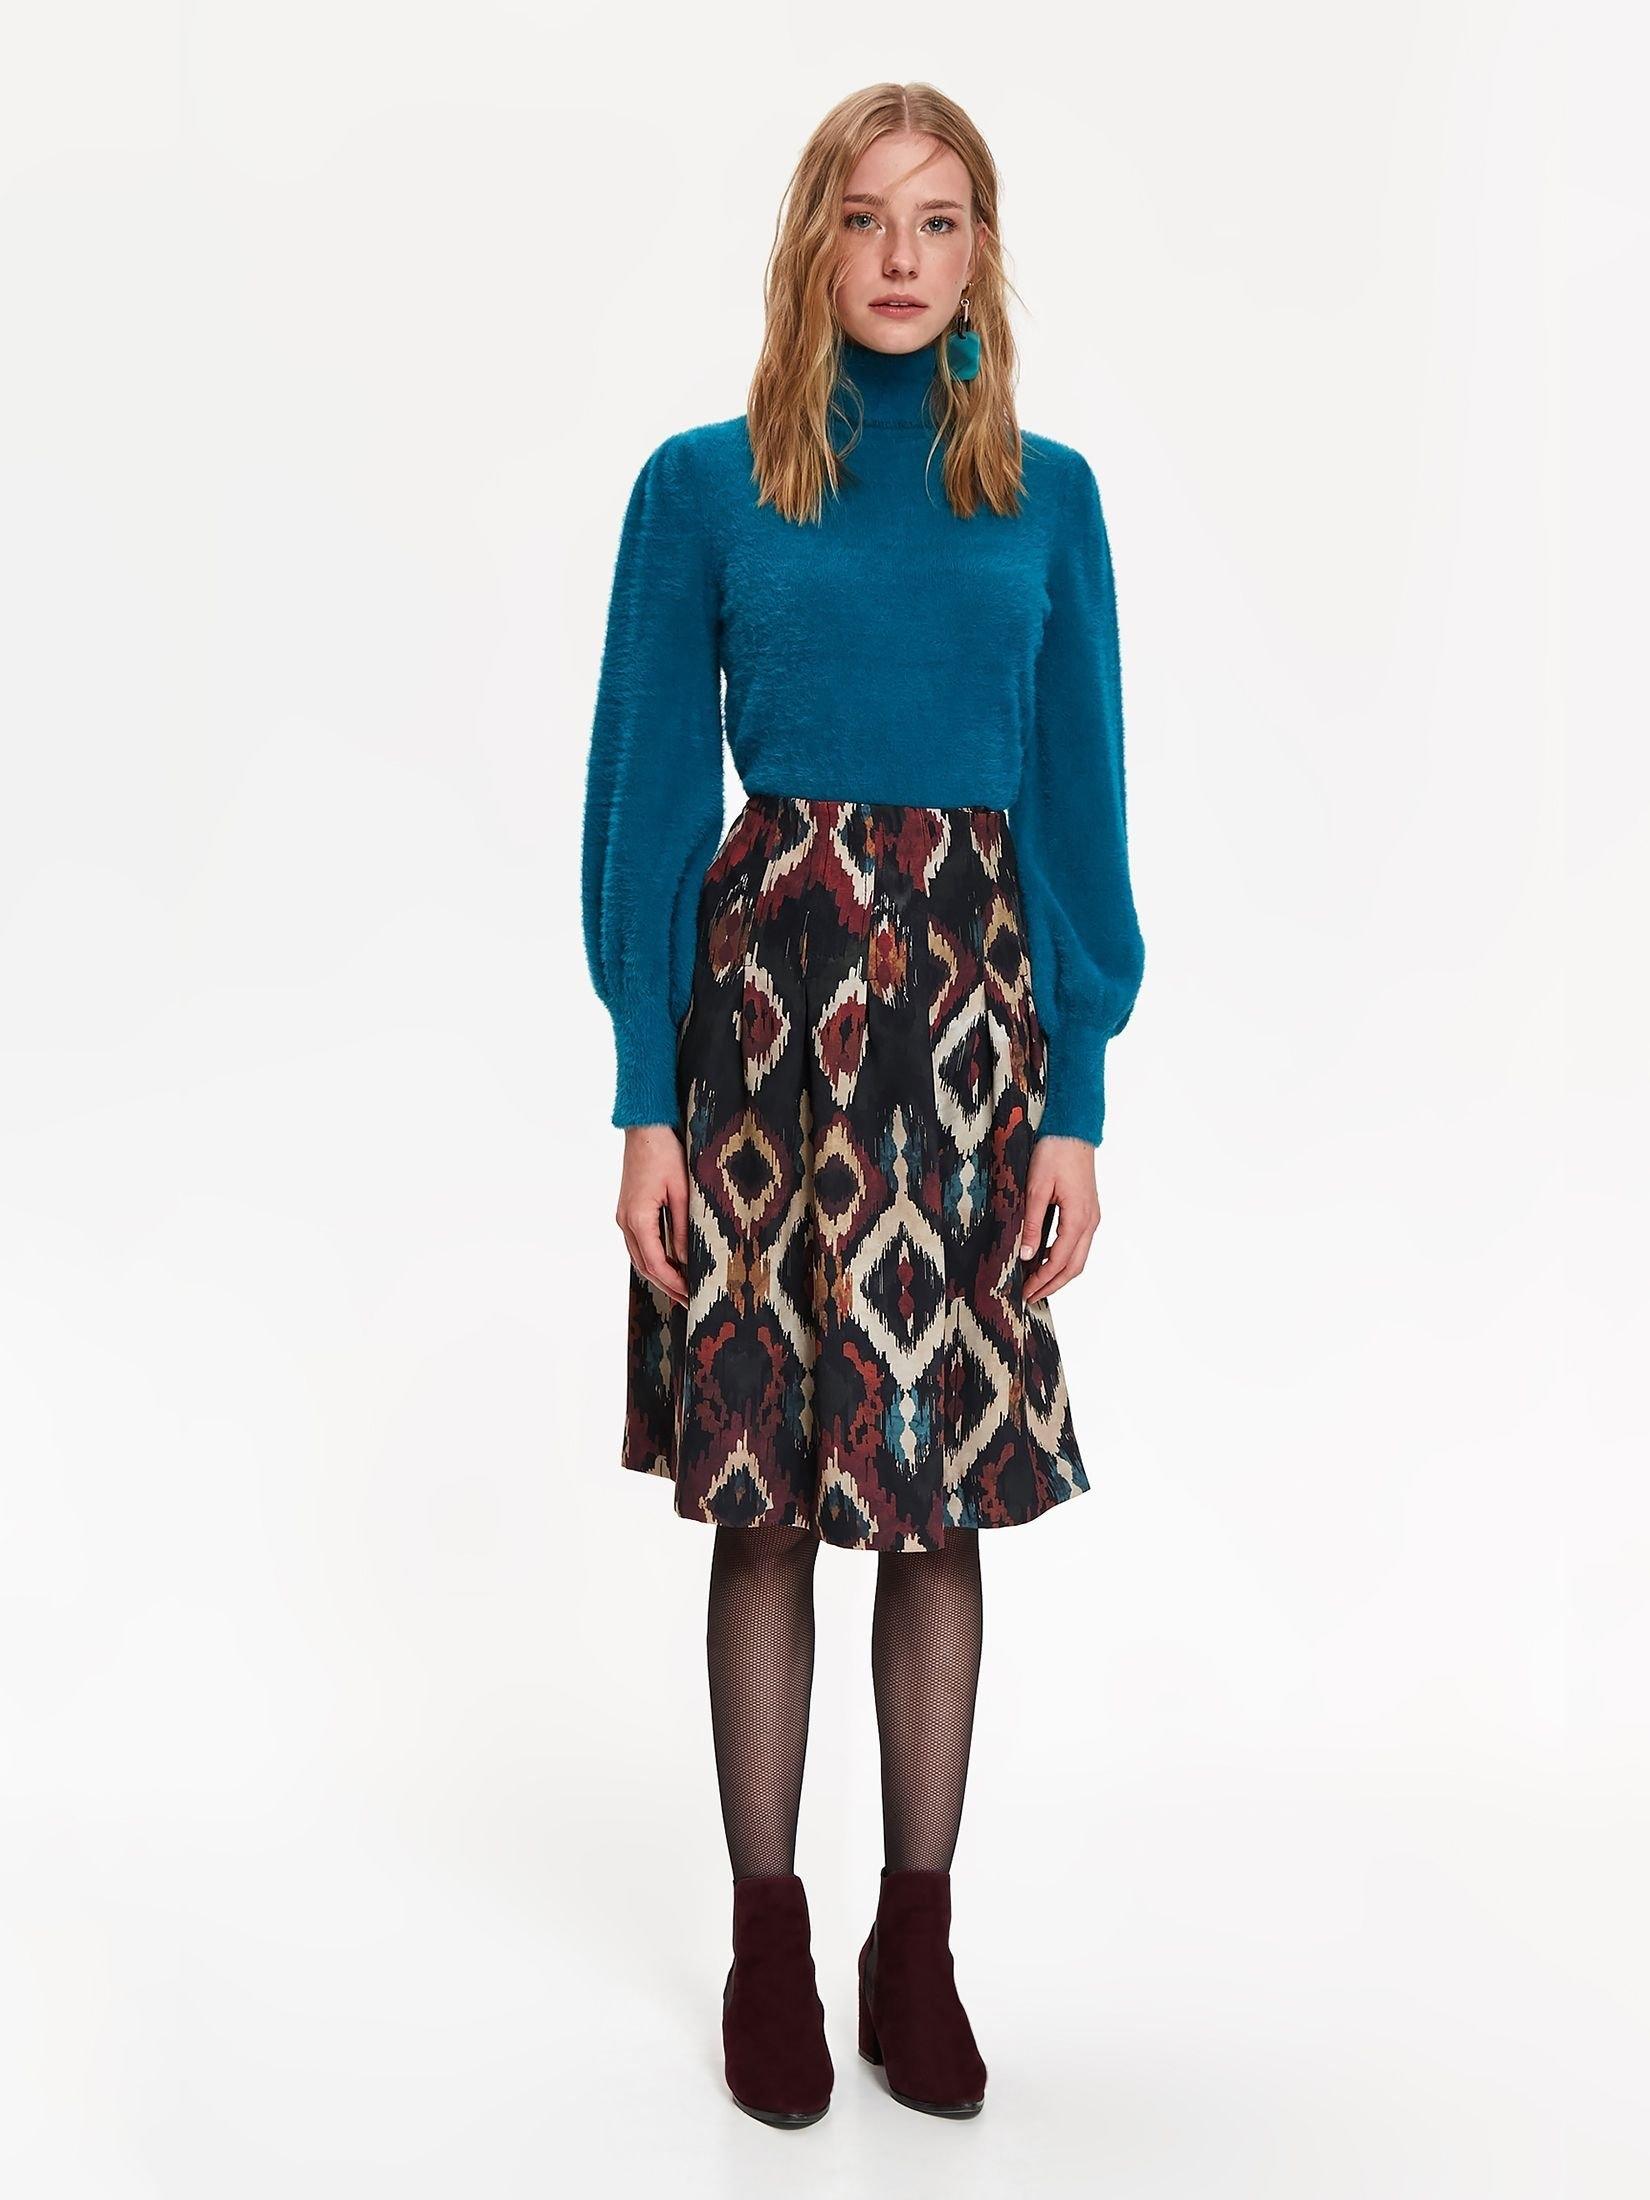 Top Secret Shoppen Online Pullover hQxsrtdC